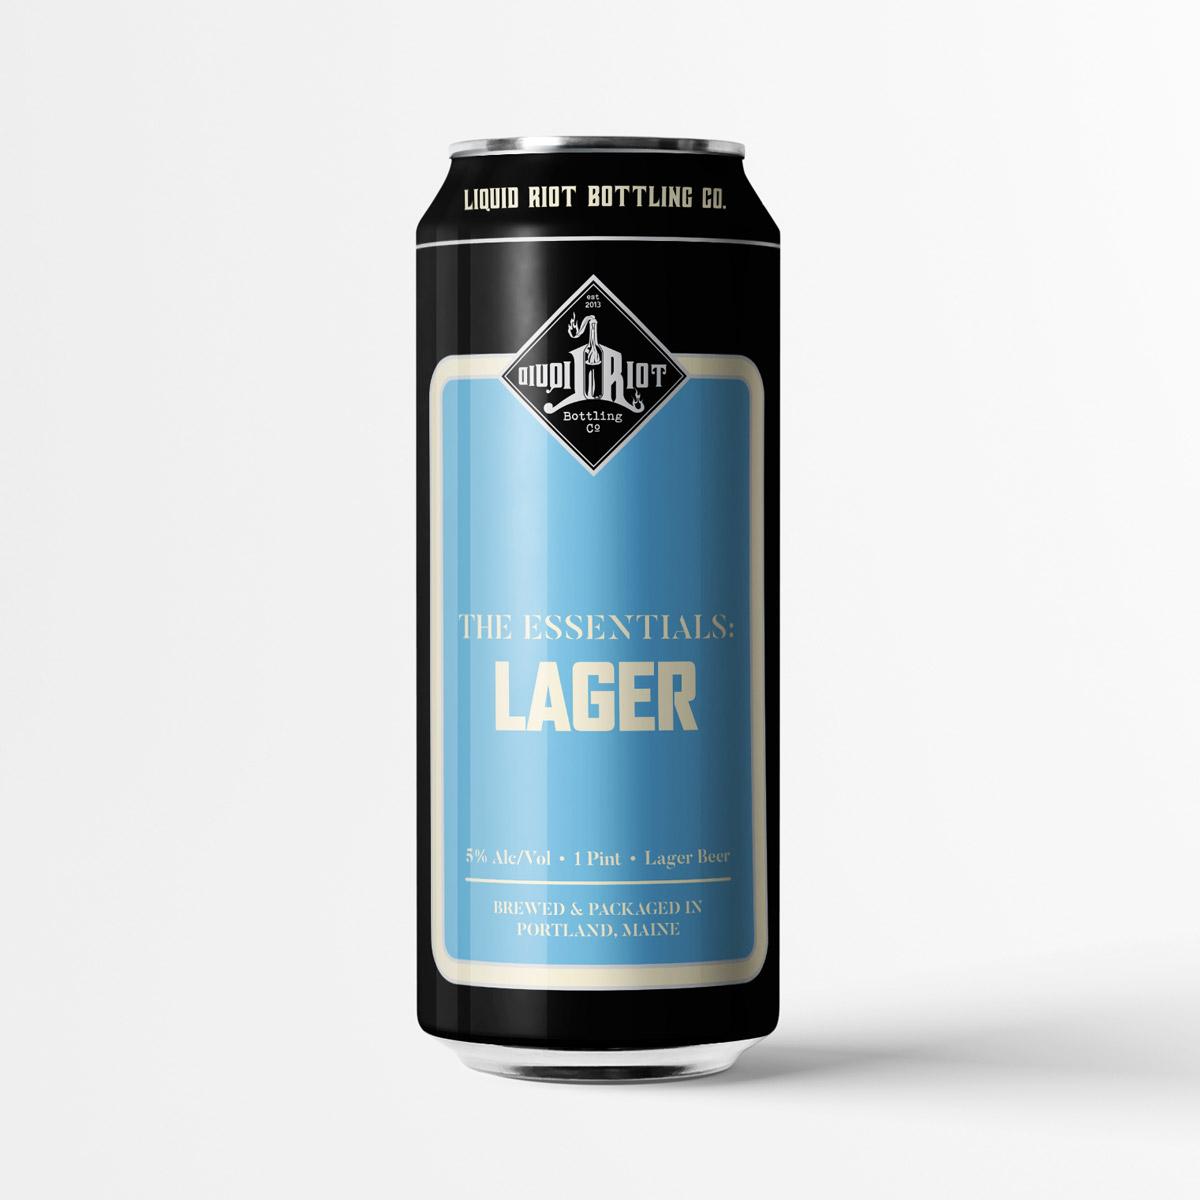 Liquid Riot – The Essentials: Lager